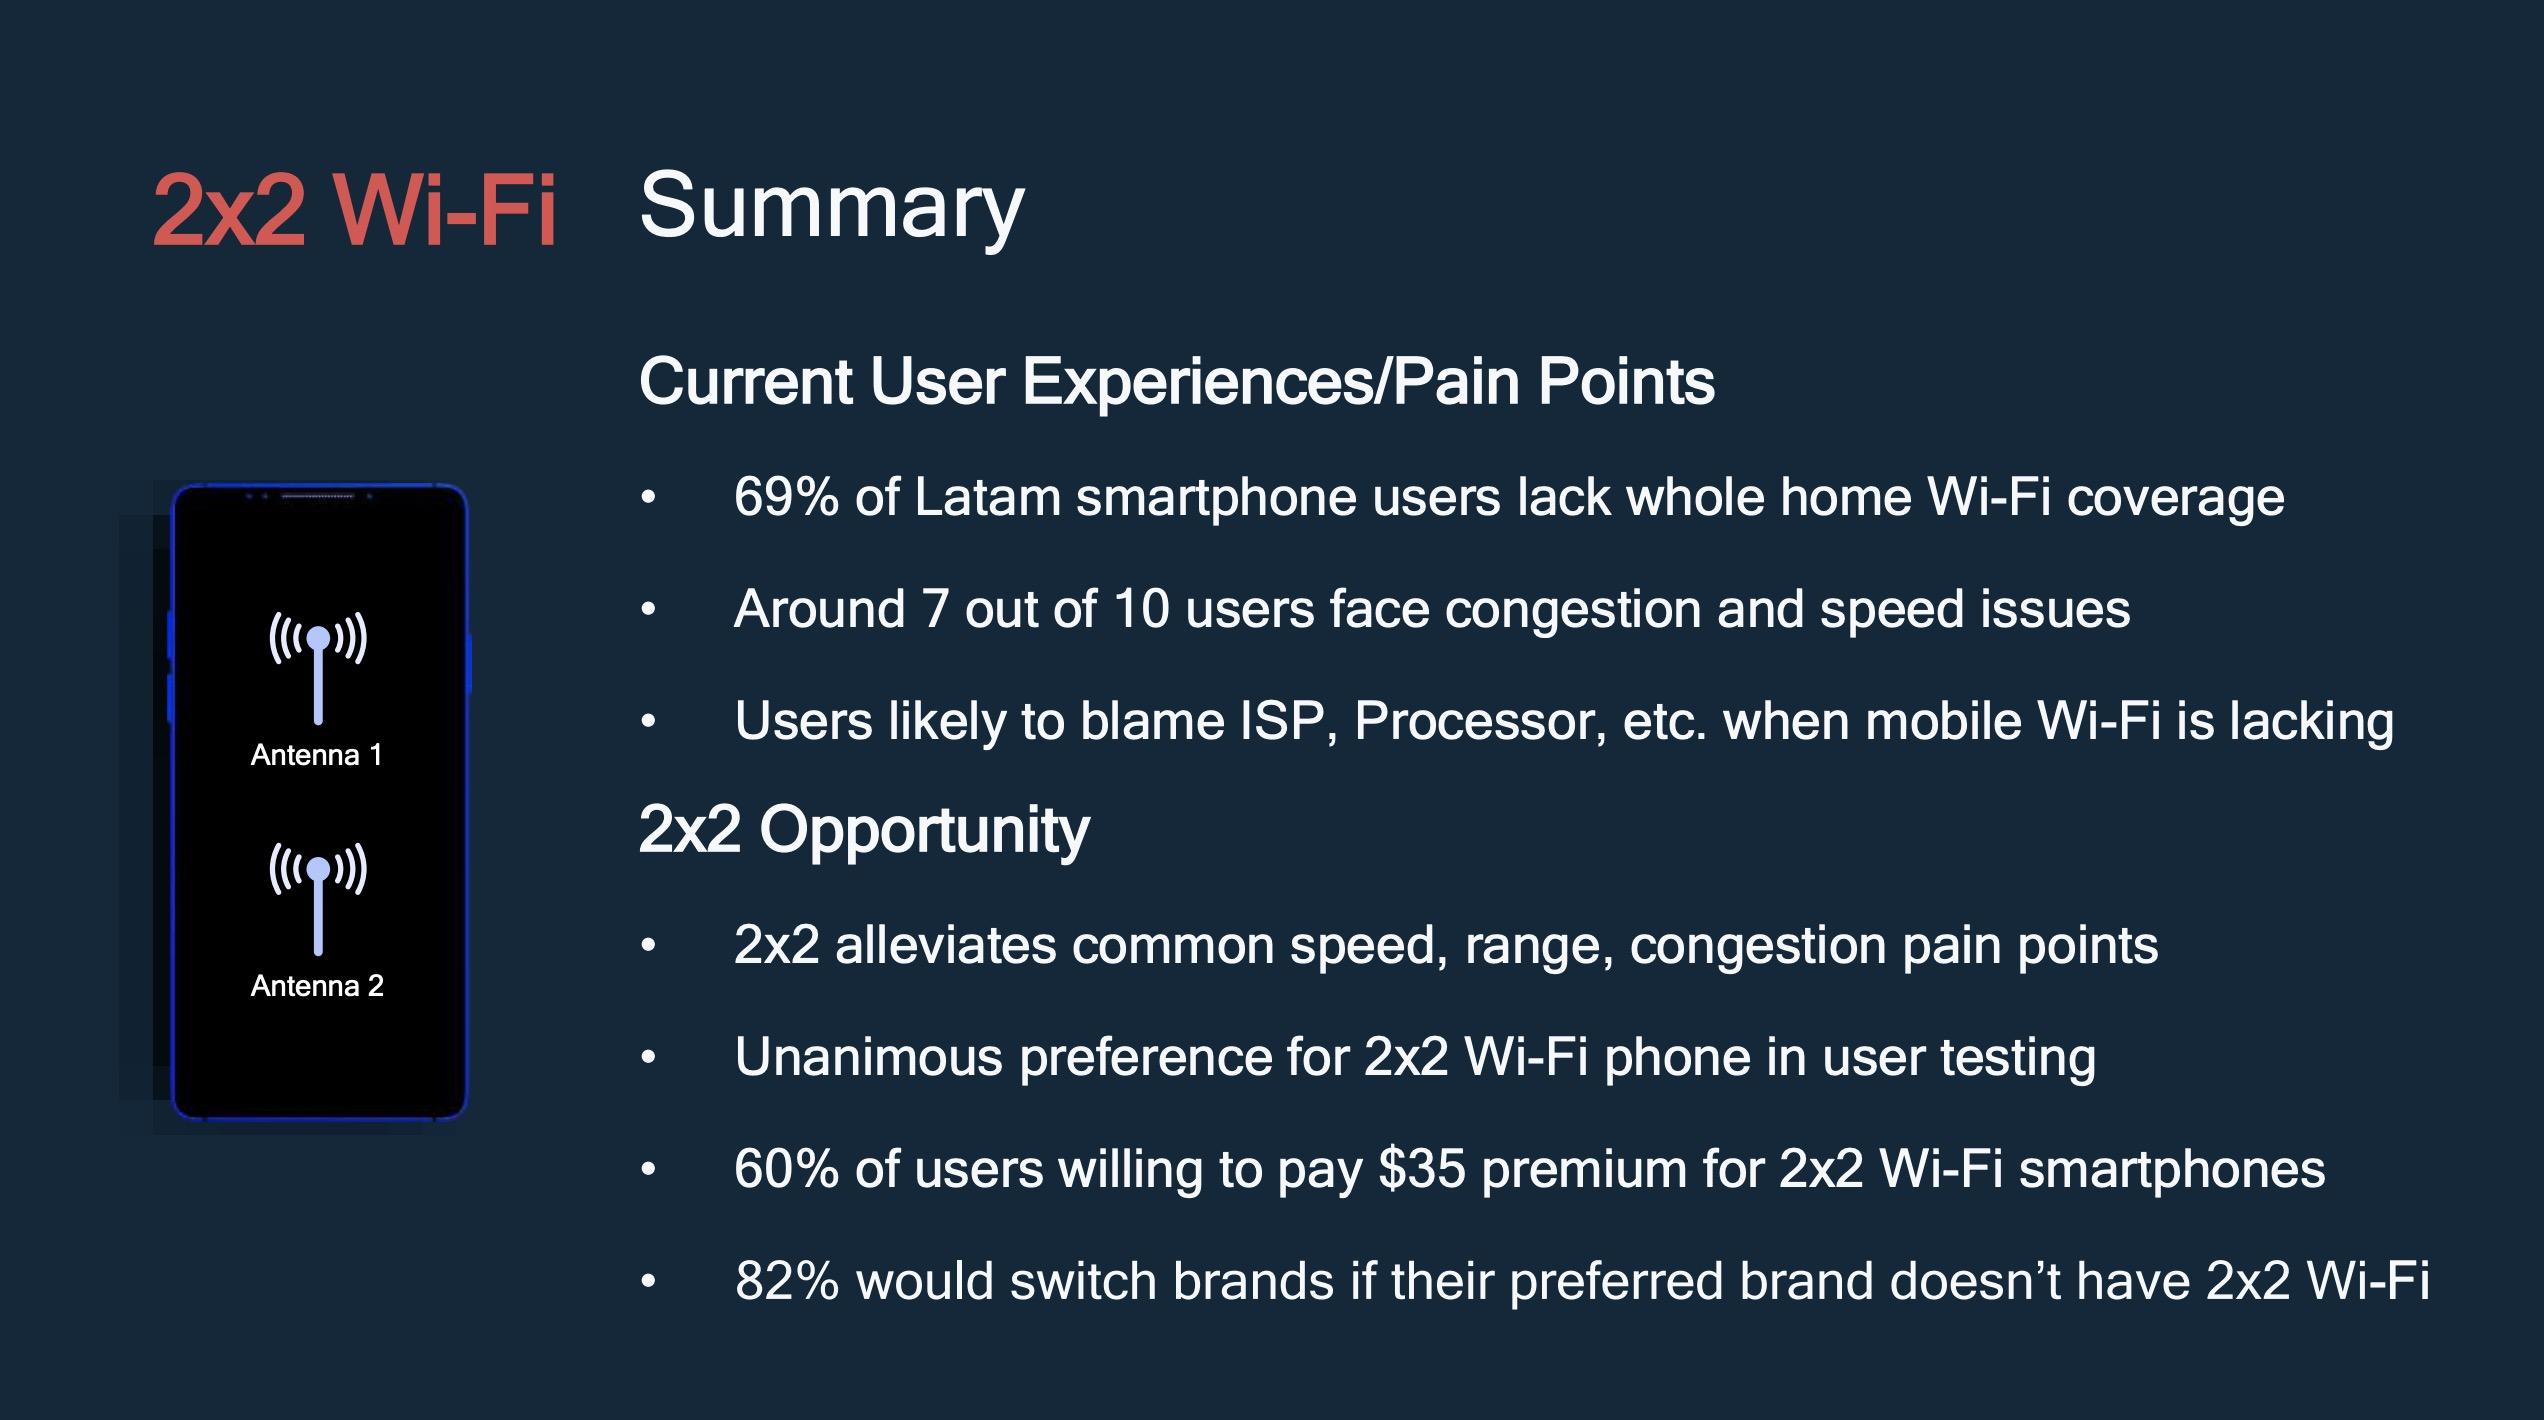 Advantages of 2x2 Wi-Fi.